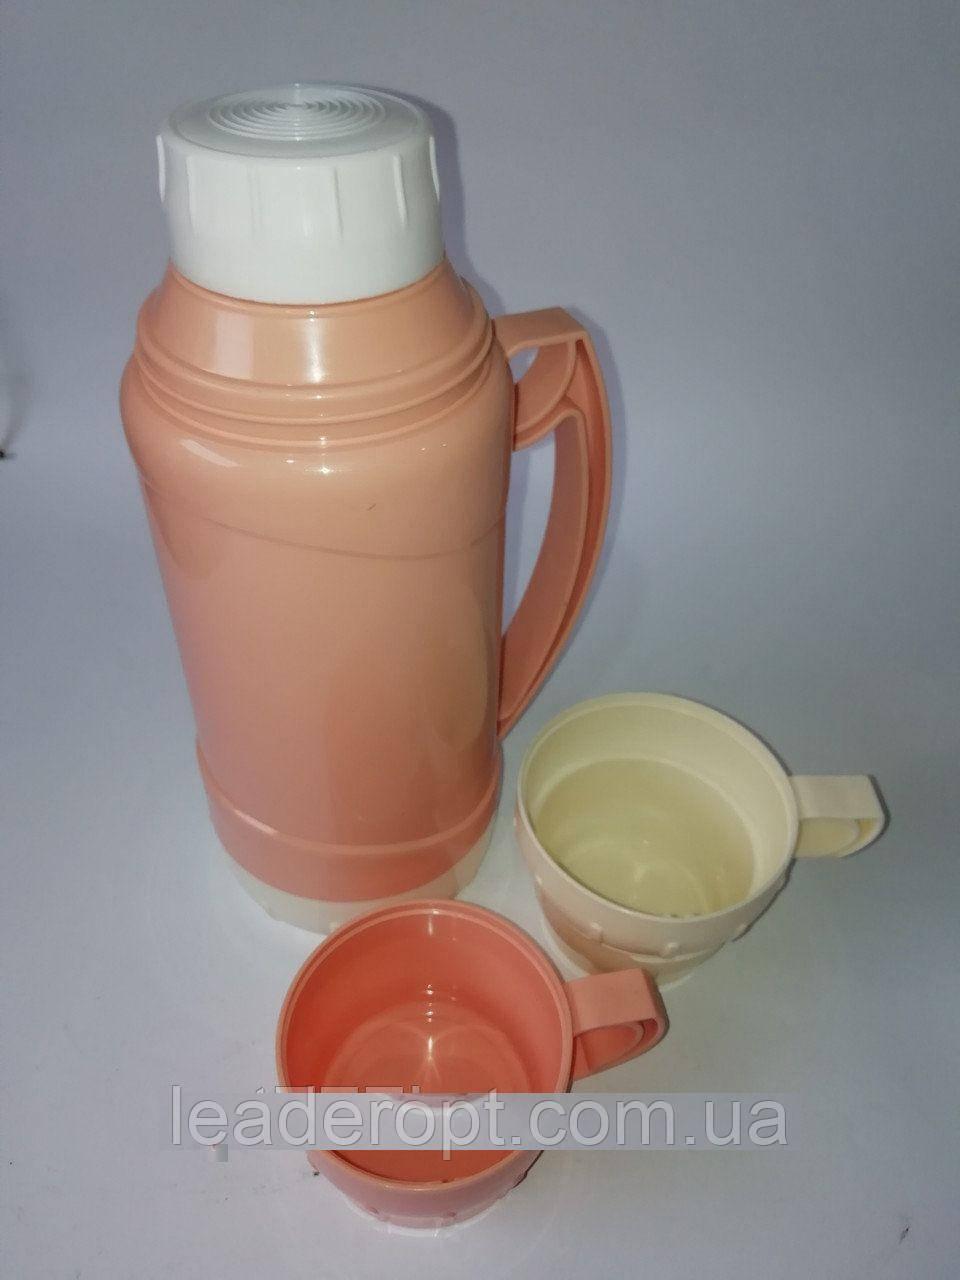 [ОПТ] Термос Вакуумный Пластик И Стекло 1.8L, 2 цвета